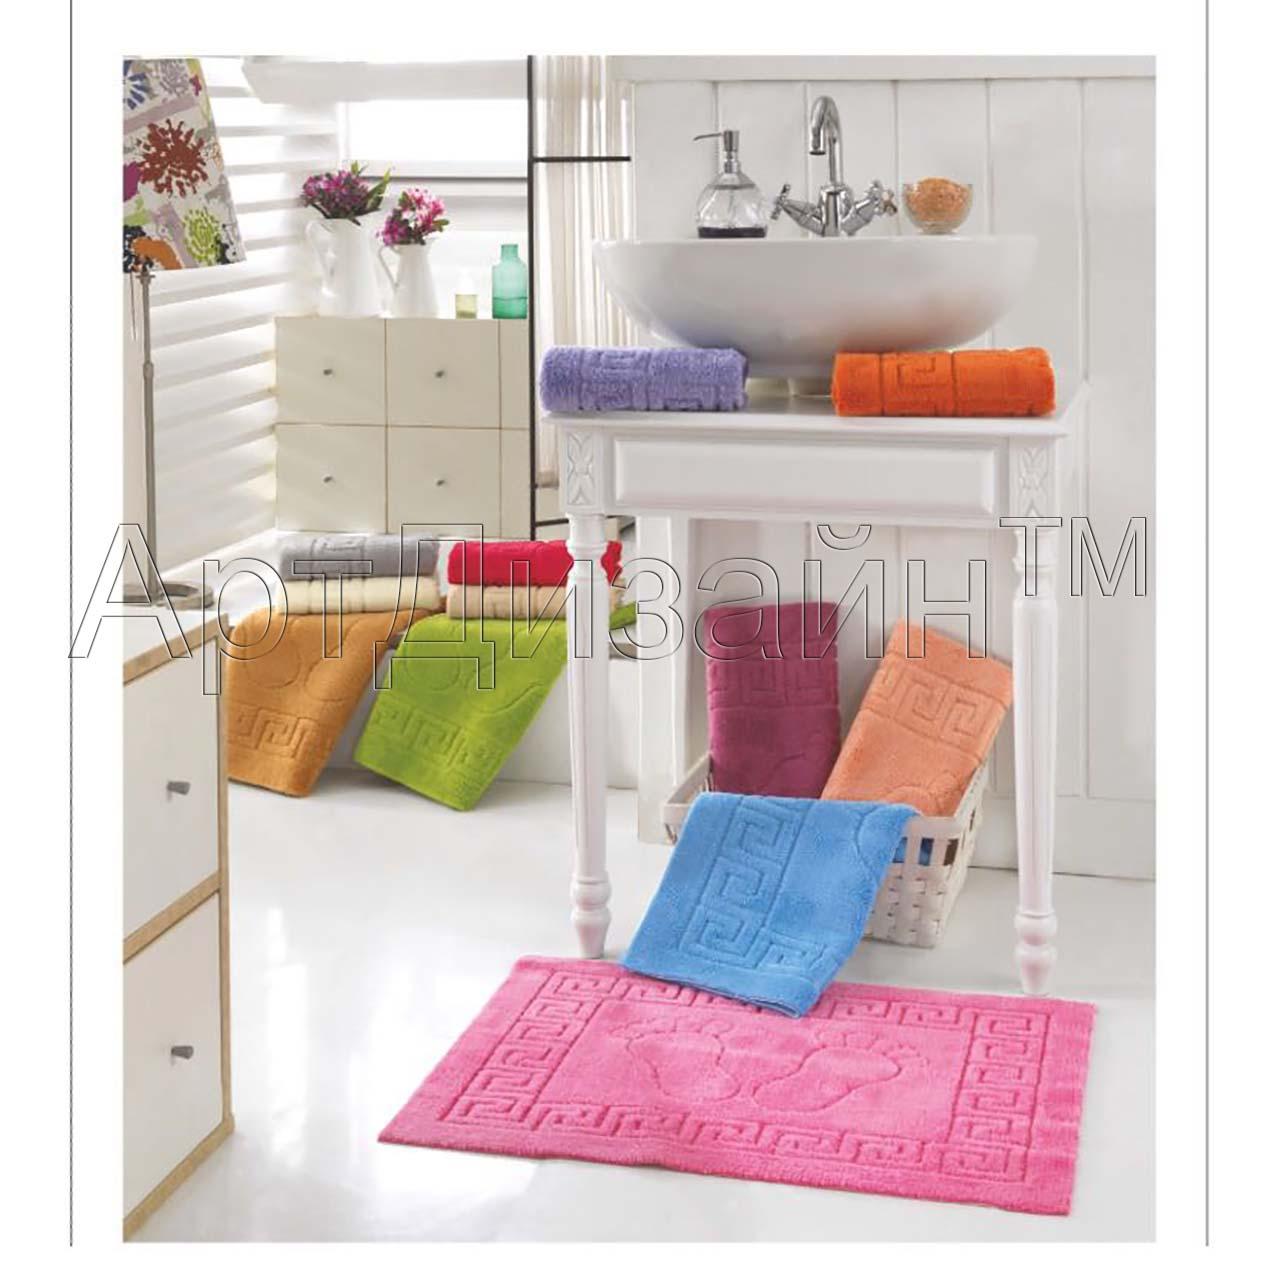 Коврик  Ножки  Капучино р. 50х70 - Текстиль для дома артикул: 27123